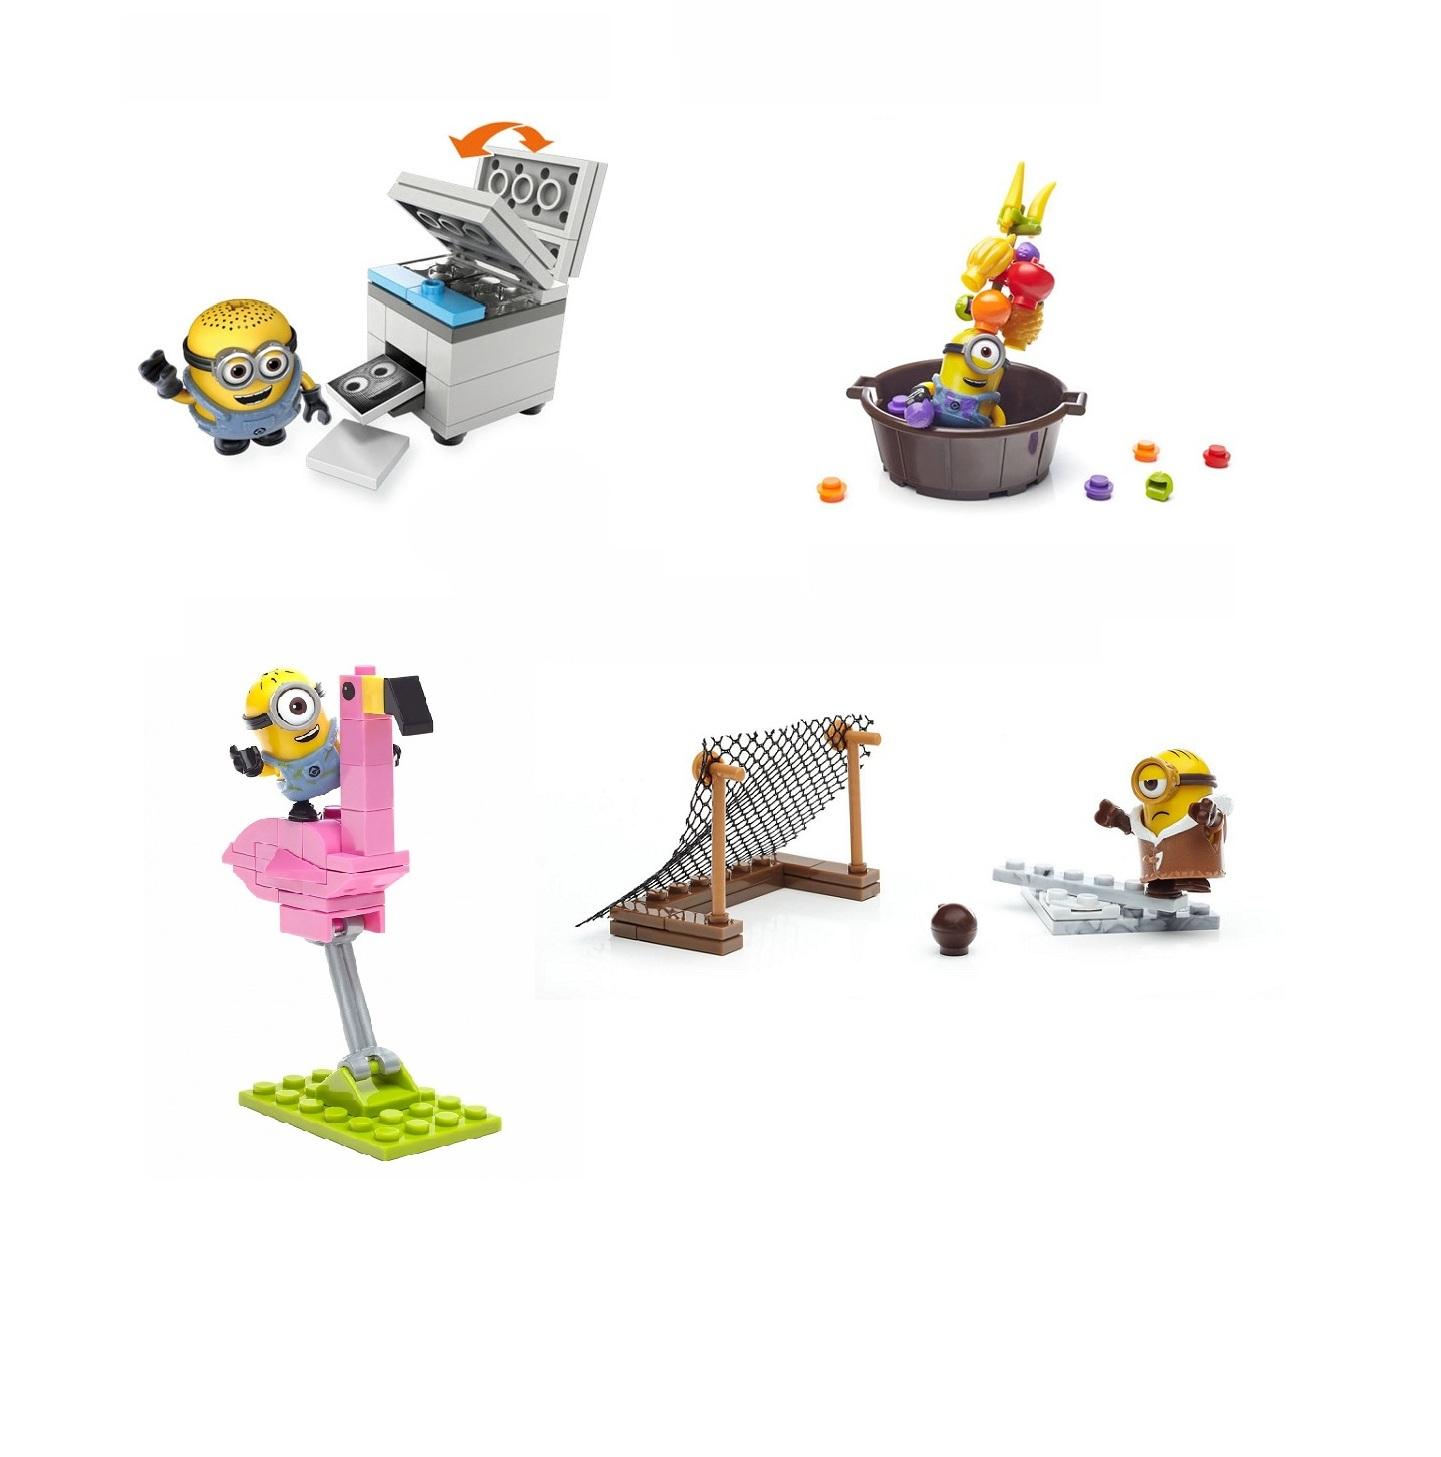 Весёлые игровые мини-наборы из серии Миньоны, 4 видаМиньоны<br>Весёлые игровые мини-наборы из серии Миньоны, 4 вида<br>